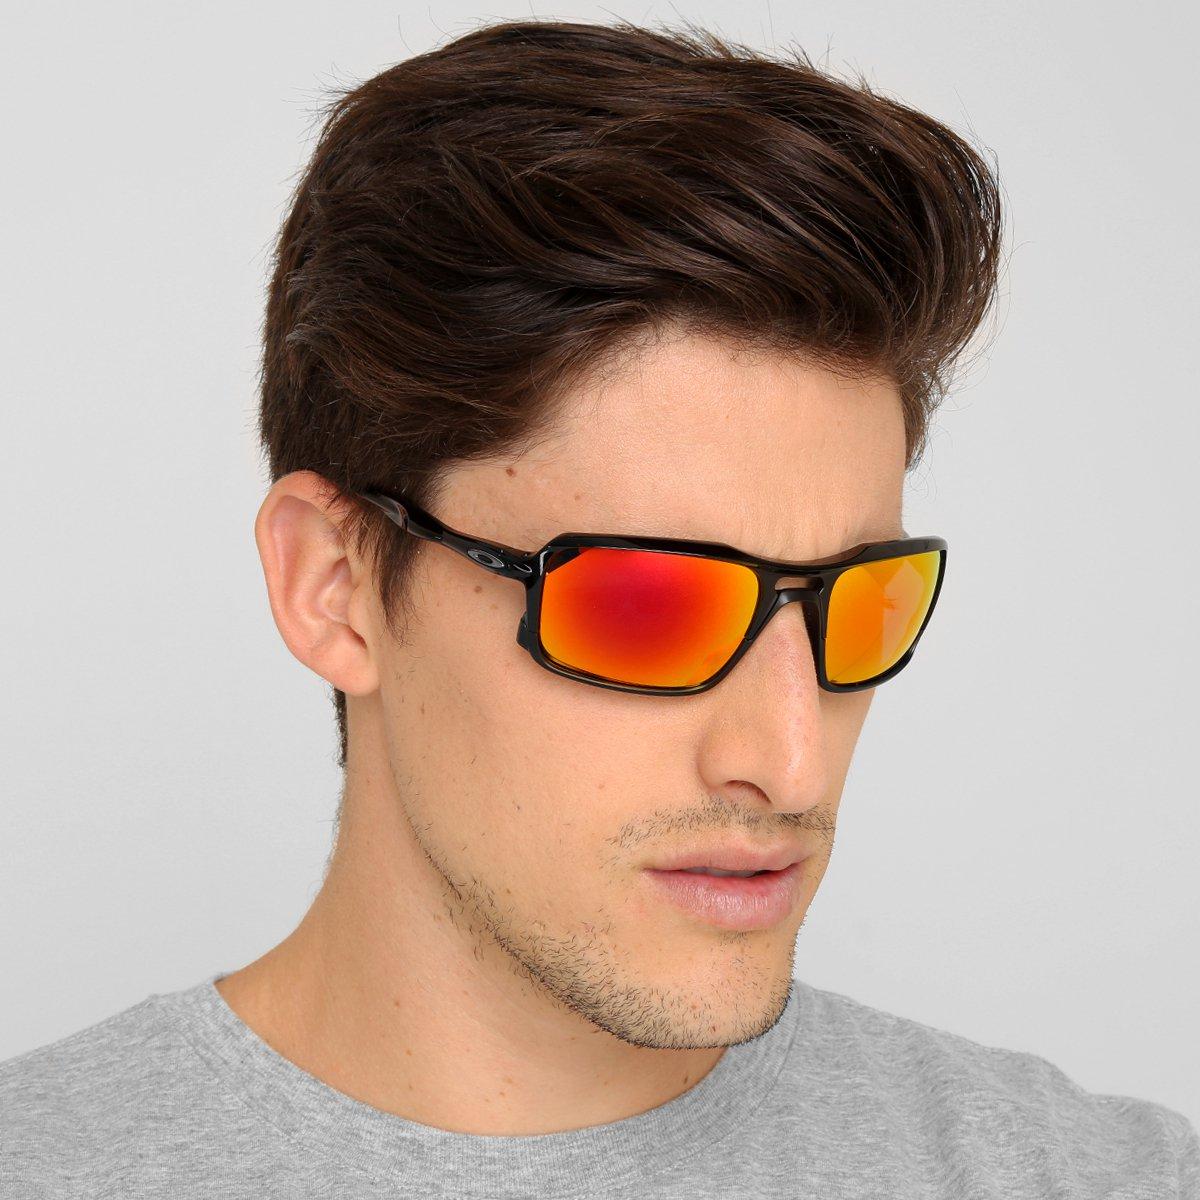 Óculos Oakley Triggerman-Iridium - Compre Agora   Netshoes da9737a3e2